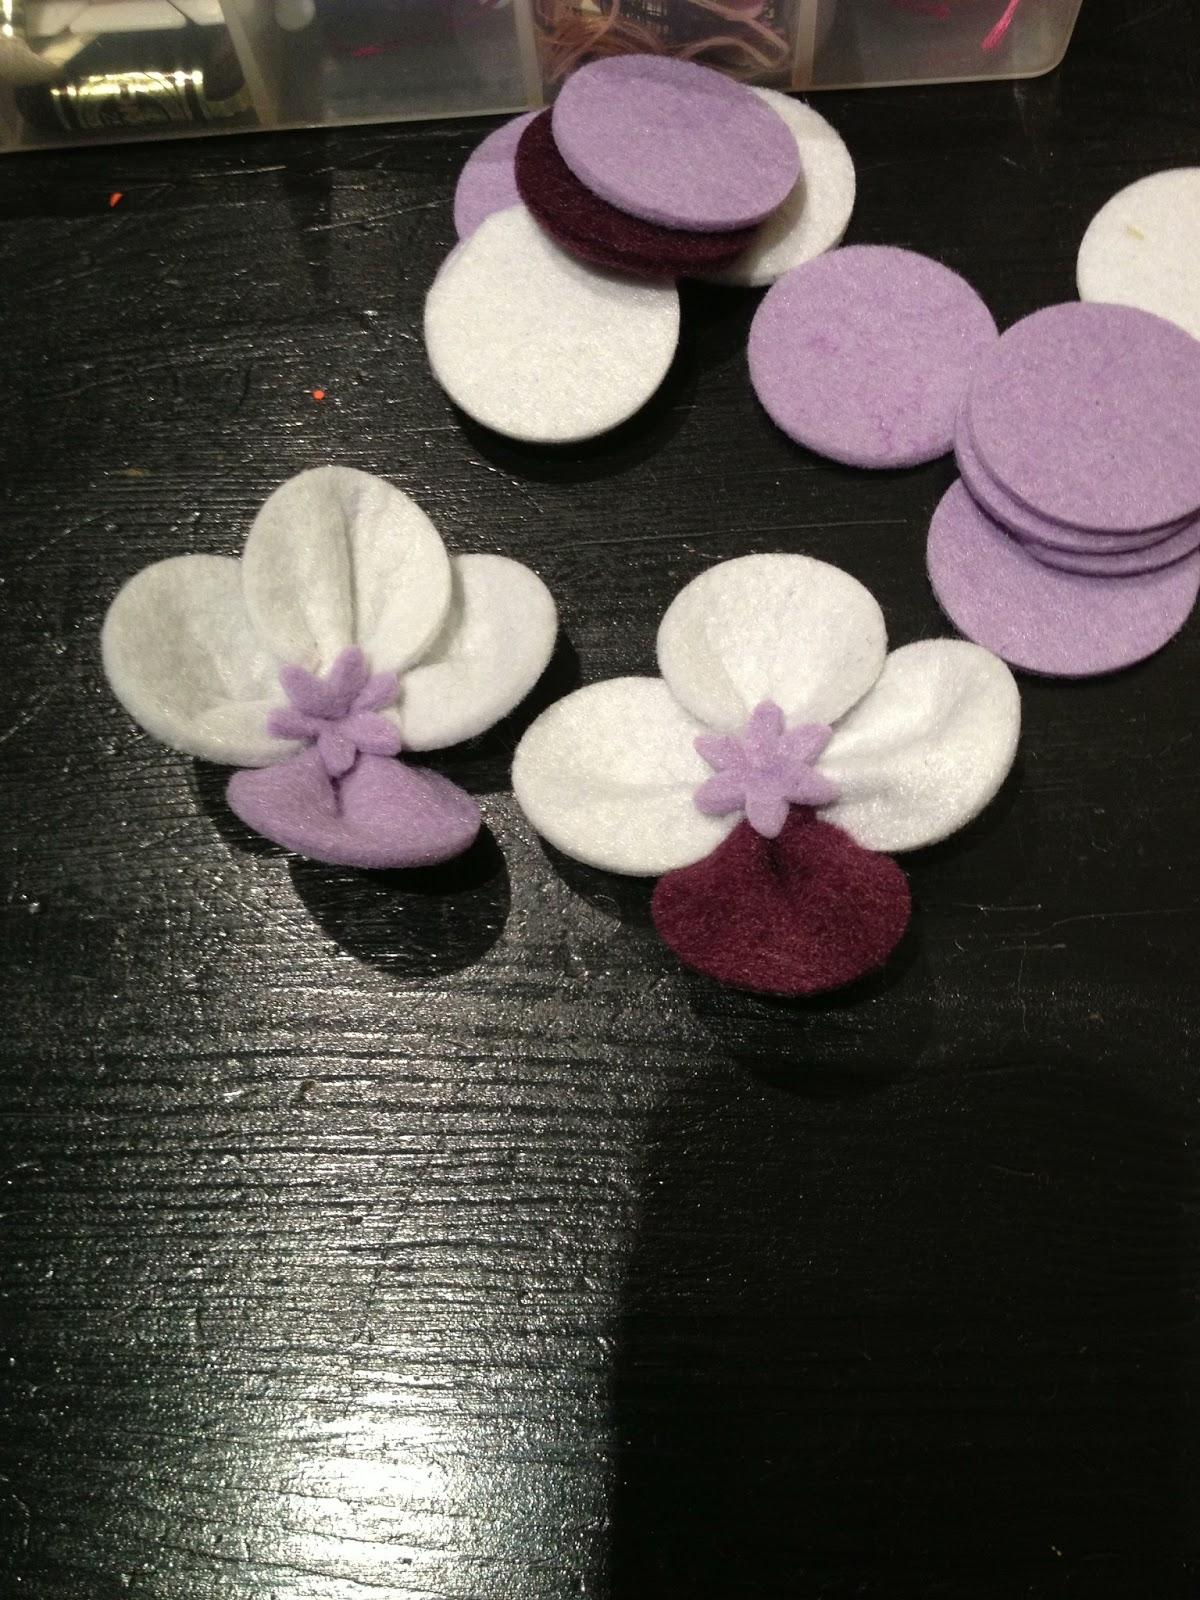 Le impronte di minush orchidea in feltro realizzabile in qualsiasi colore e abbinamento - Come curare un orchidea in casa ...